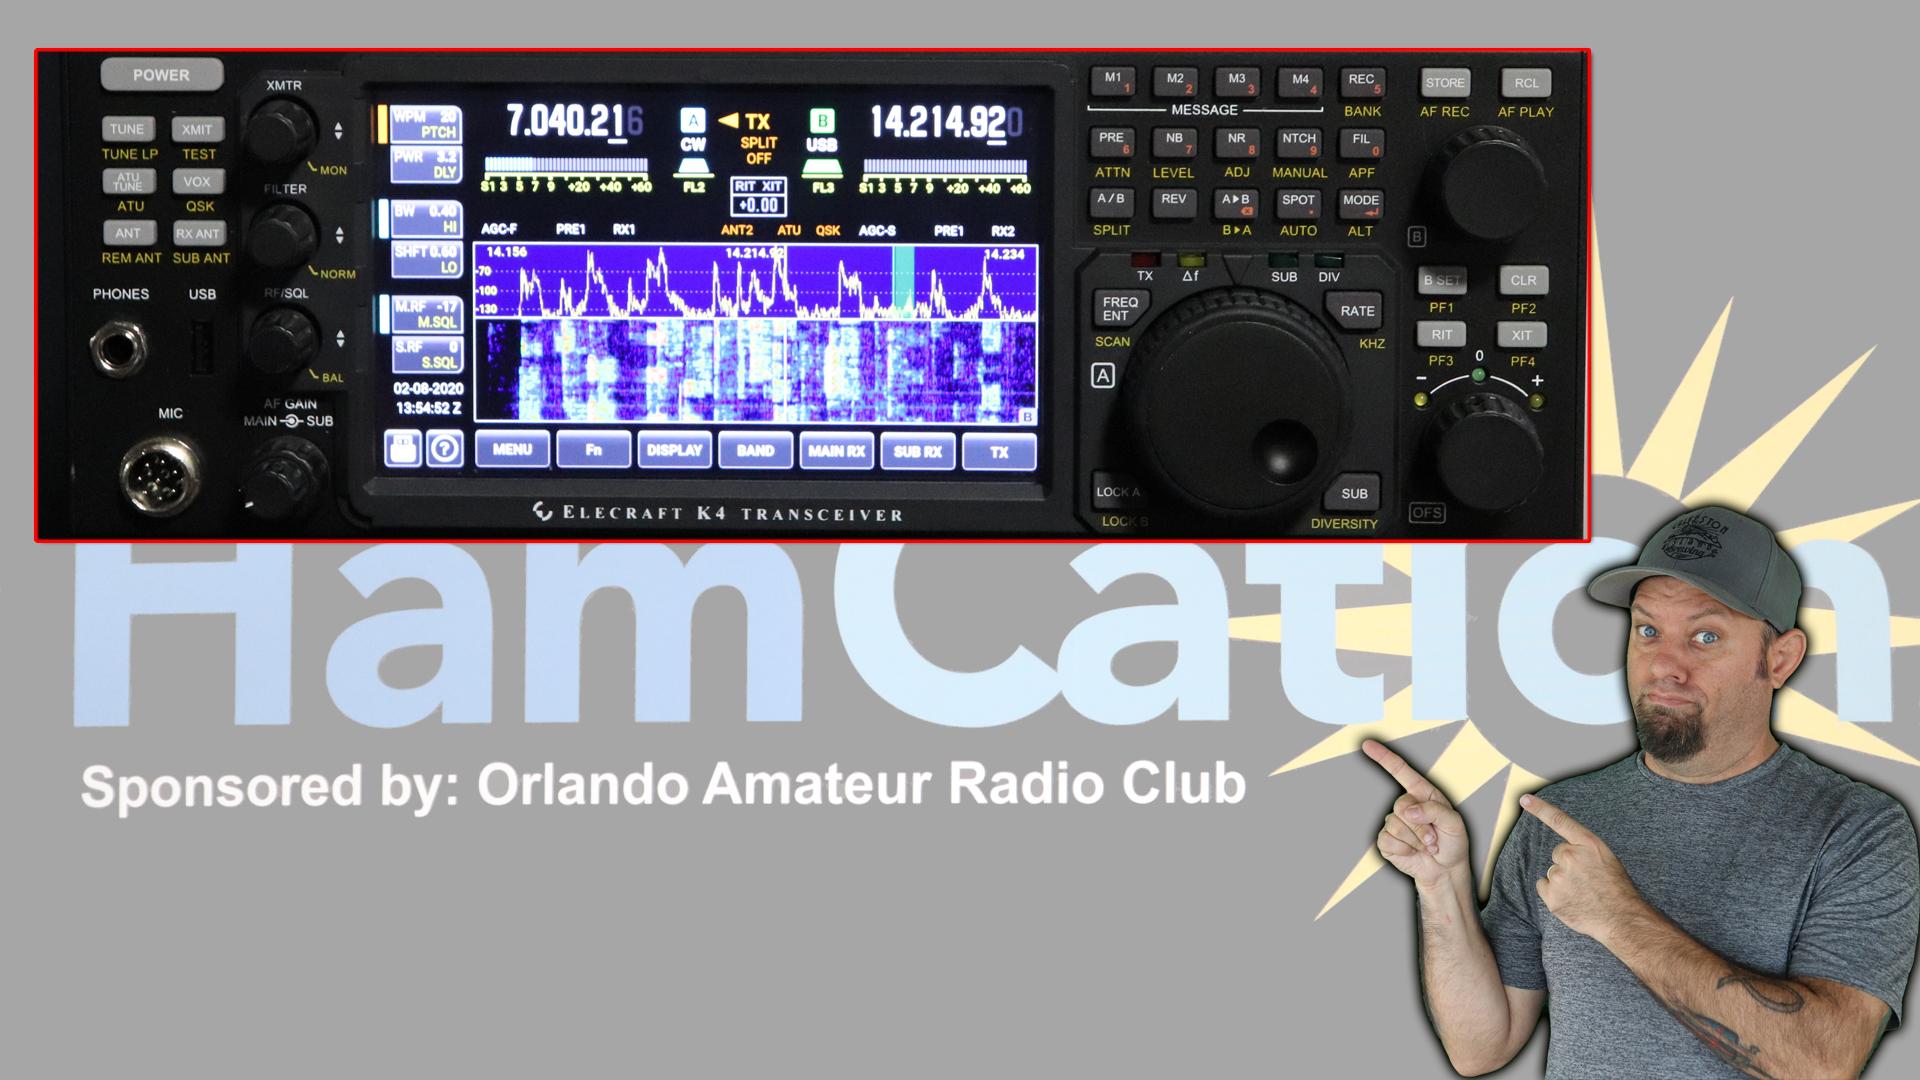 Episode 314: Elecraft K4 Updates from Orlando Hamcation 2020